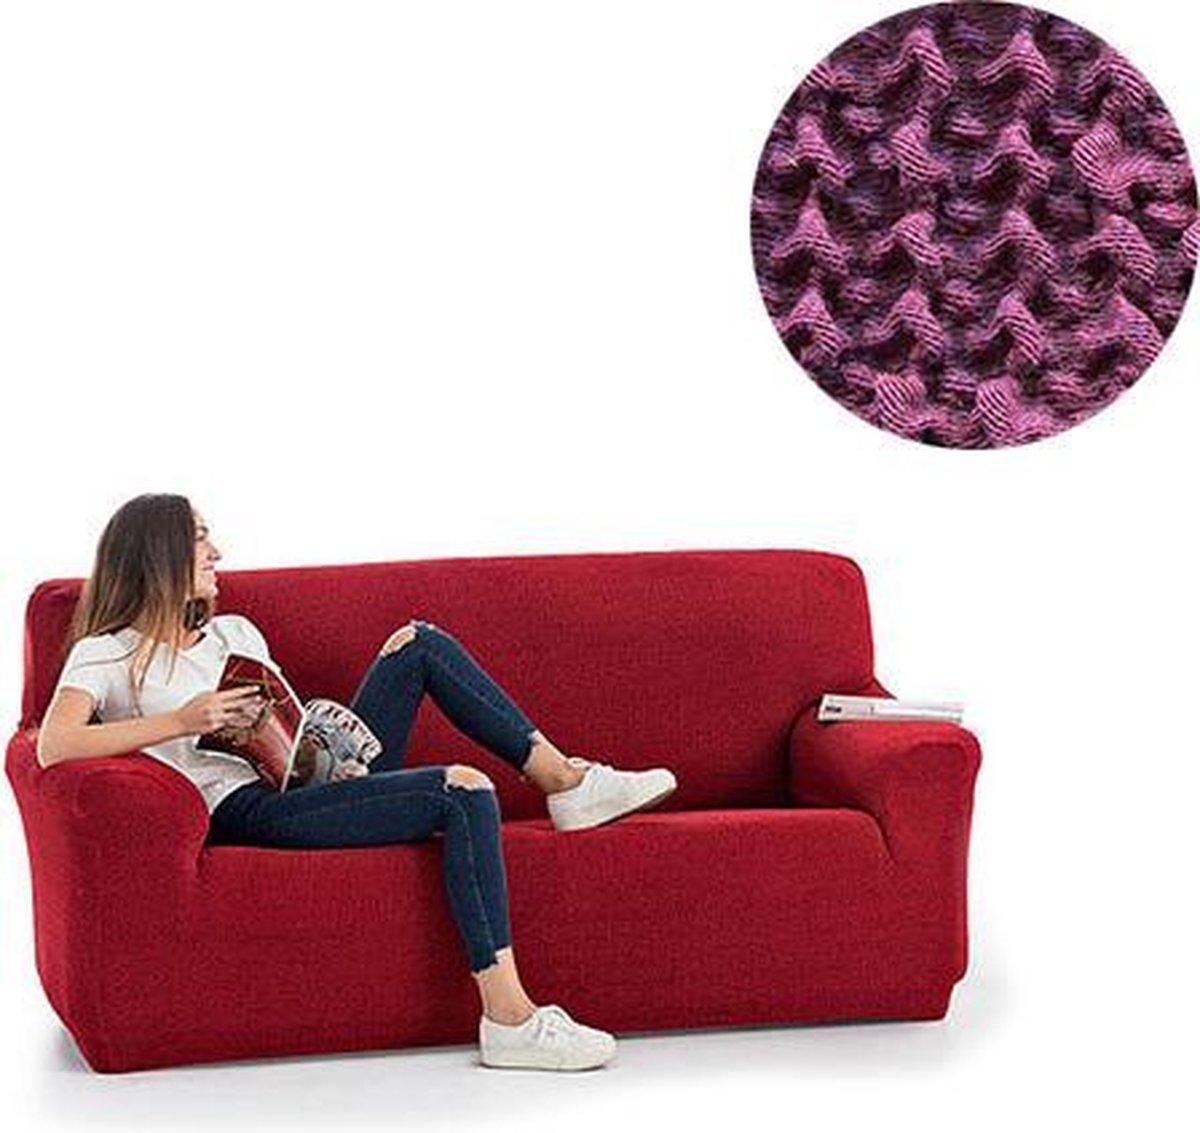 Milos meubelhoezen - Bankhoes 130-180cm - Paars - Verkrijgbaar in verschillende kleuren!